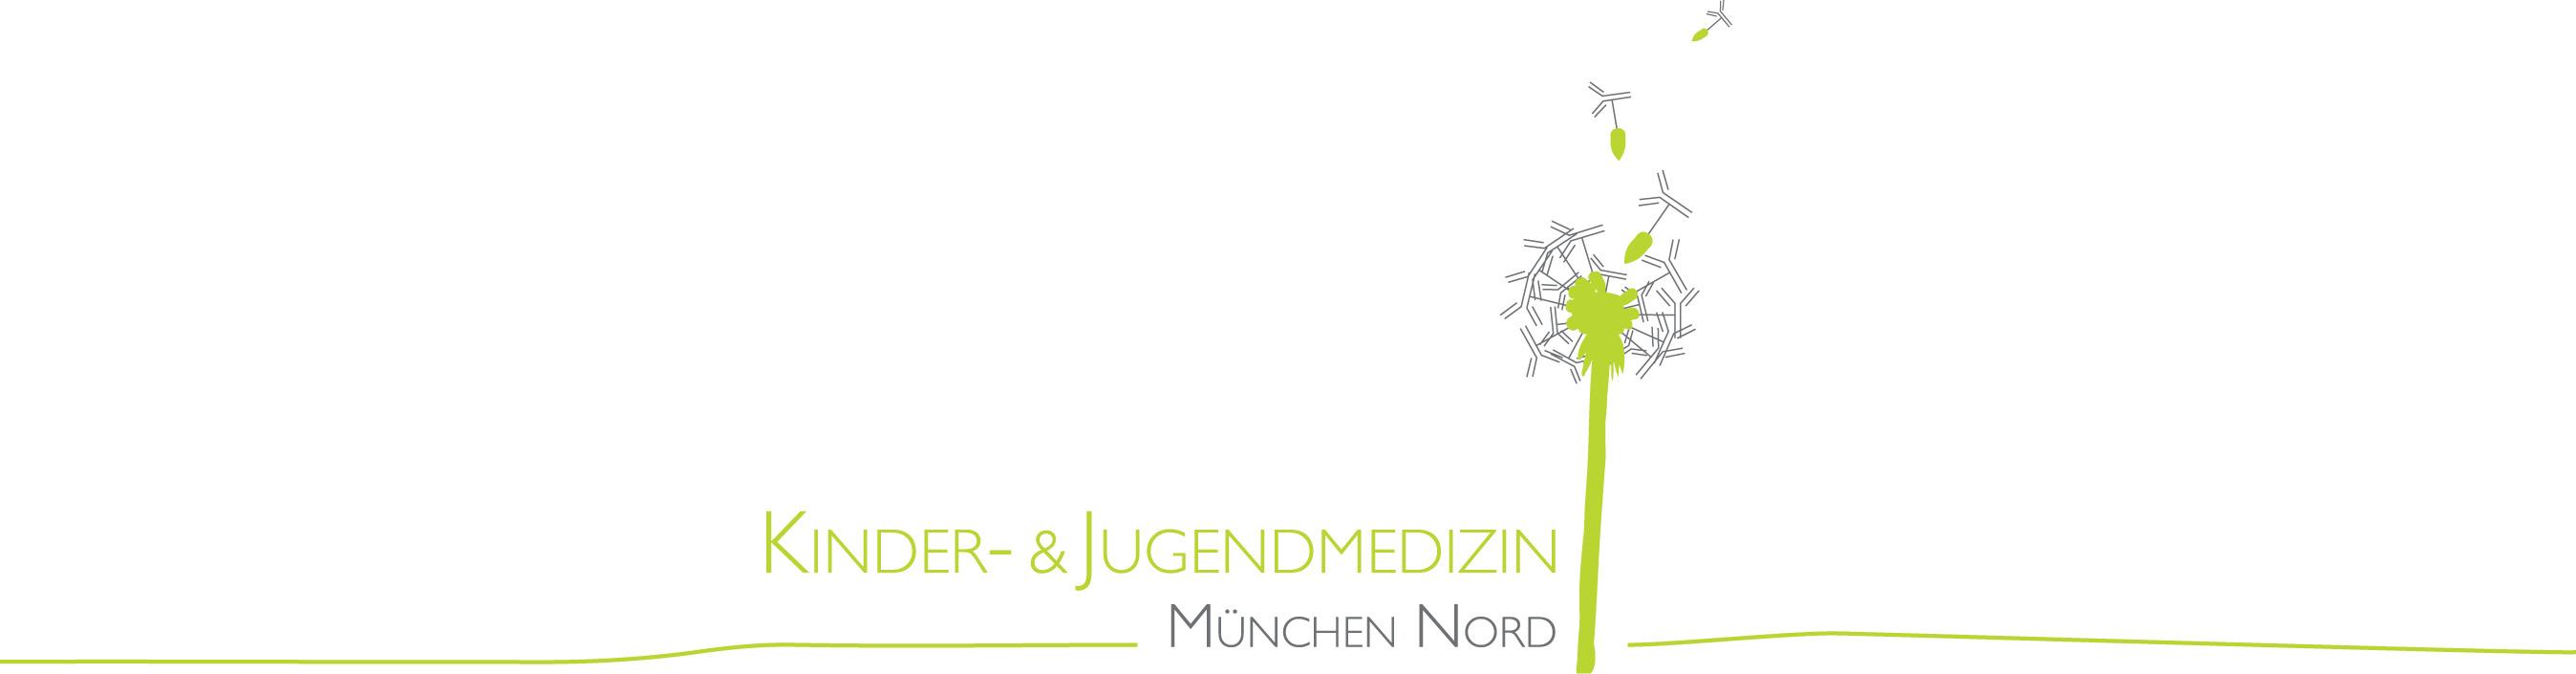 Facharztpraxis Kinder und Jugendmedizin München Nord Wintermeyer Rosam, Kinderarztpraxis München